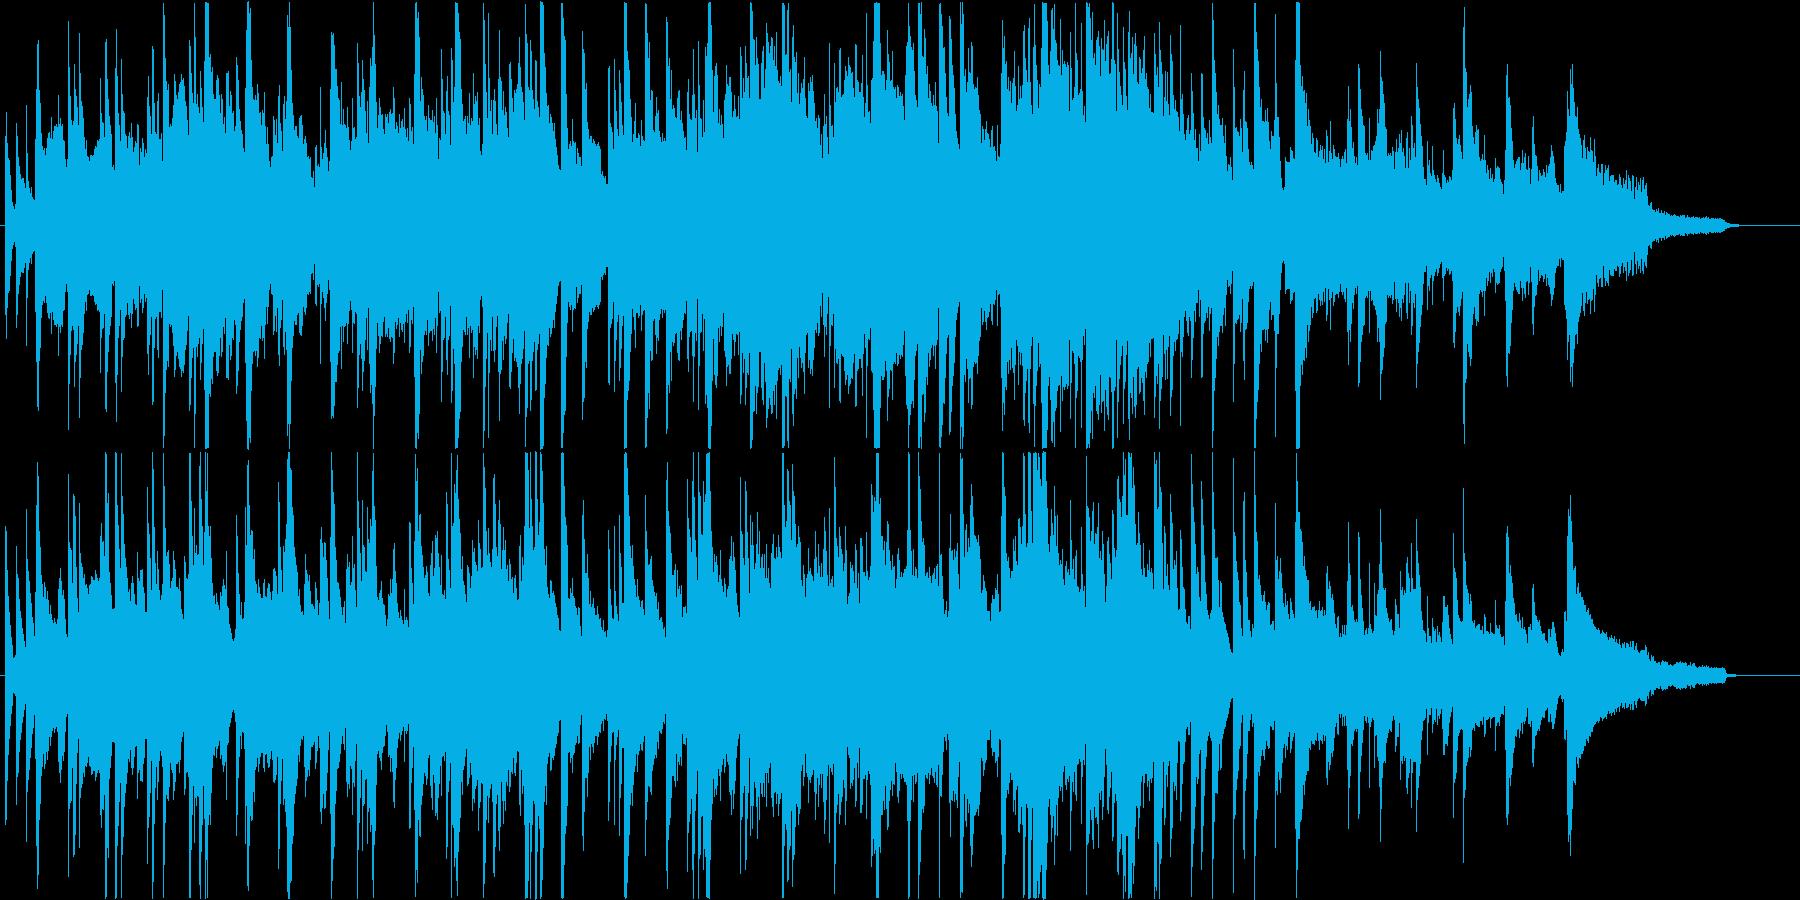 冬にぴったりのピアノ&ヴァイオリン楽曲の再生済みの波形